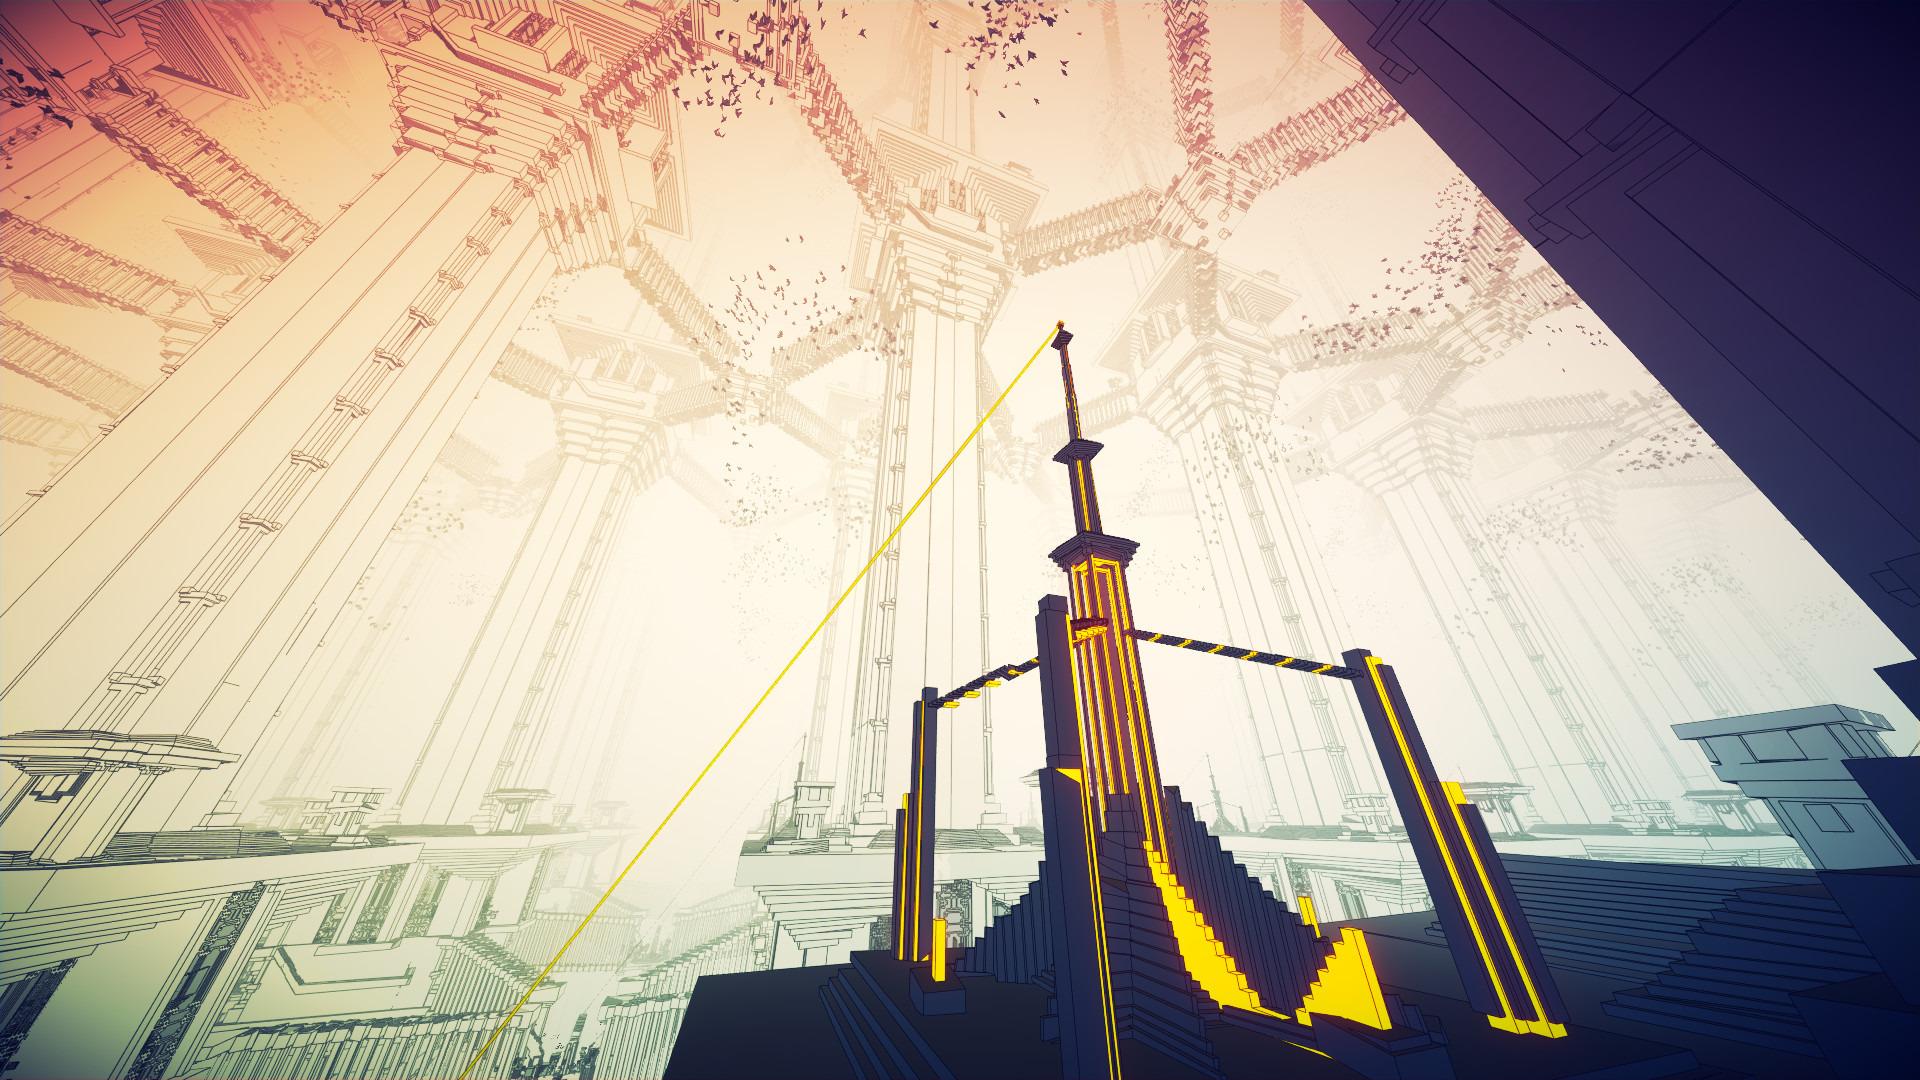 7年かけて開発されたエッシャー的世界観の一人称パズル Manifold Garden Steam版がリリース 3枚目の写真 画像 Game Spark 国内 海外ゲーム情報サイト